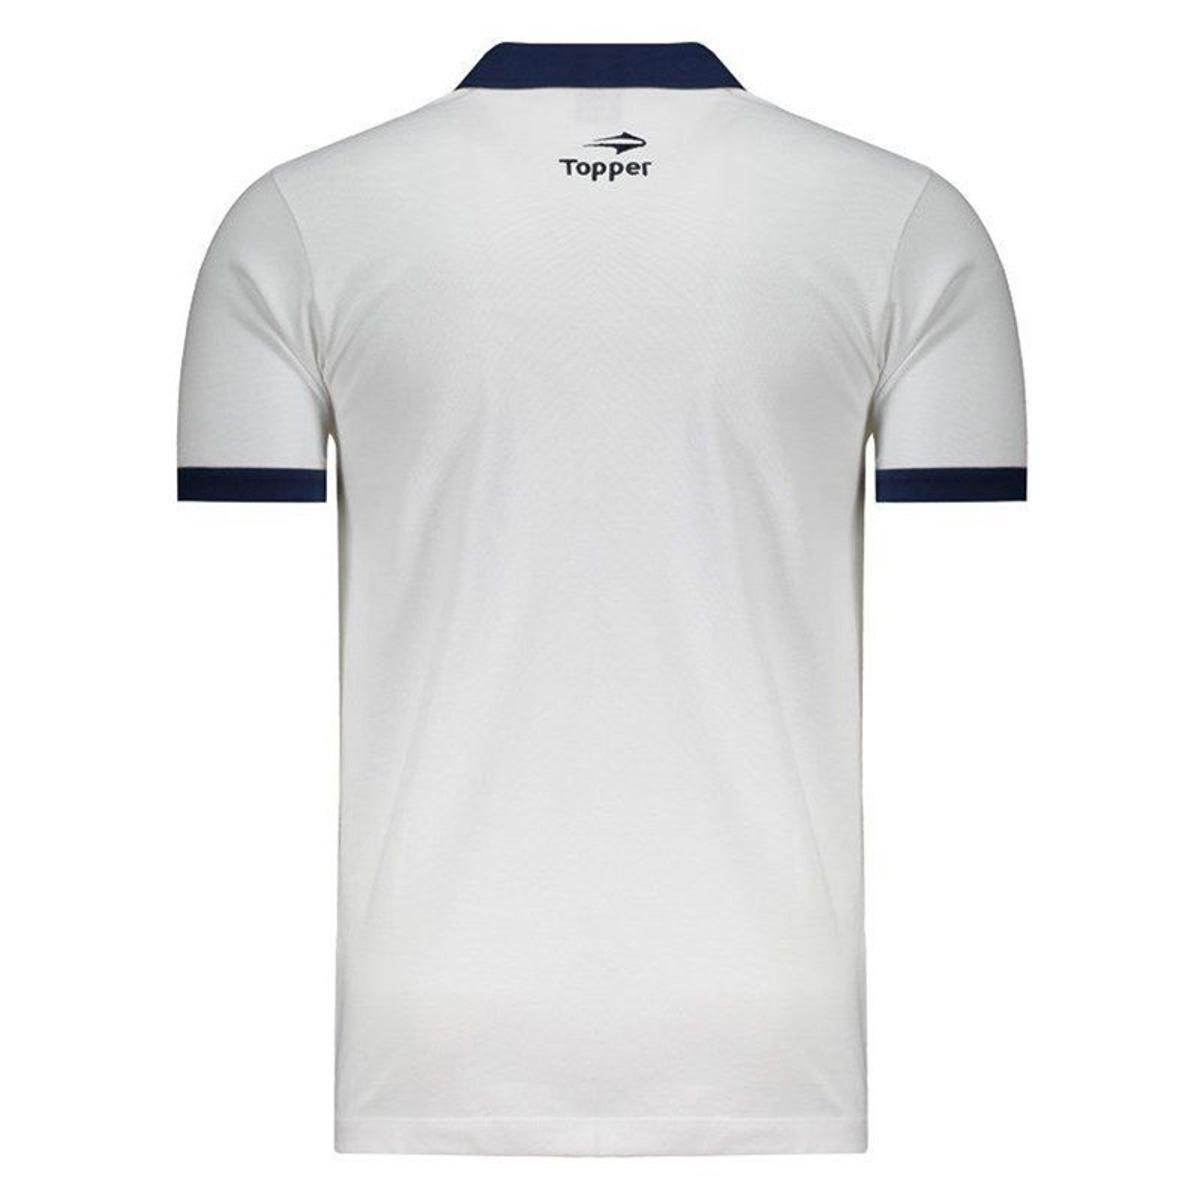 Camisa Topper Remo Polo Masculina - Branco e Marinho - Compre Agora ... 0c1ebd3a12764